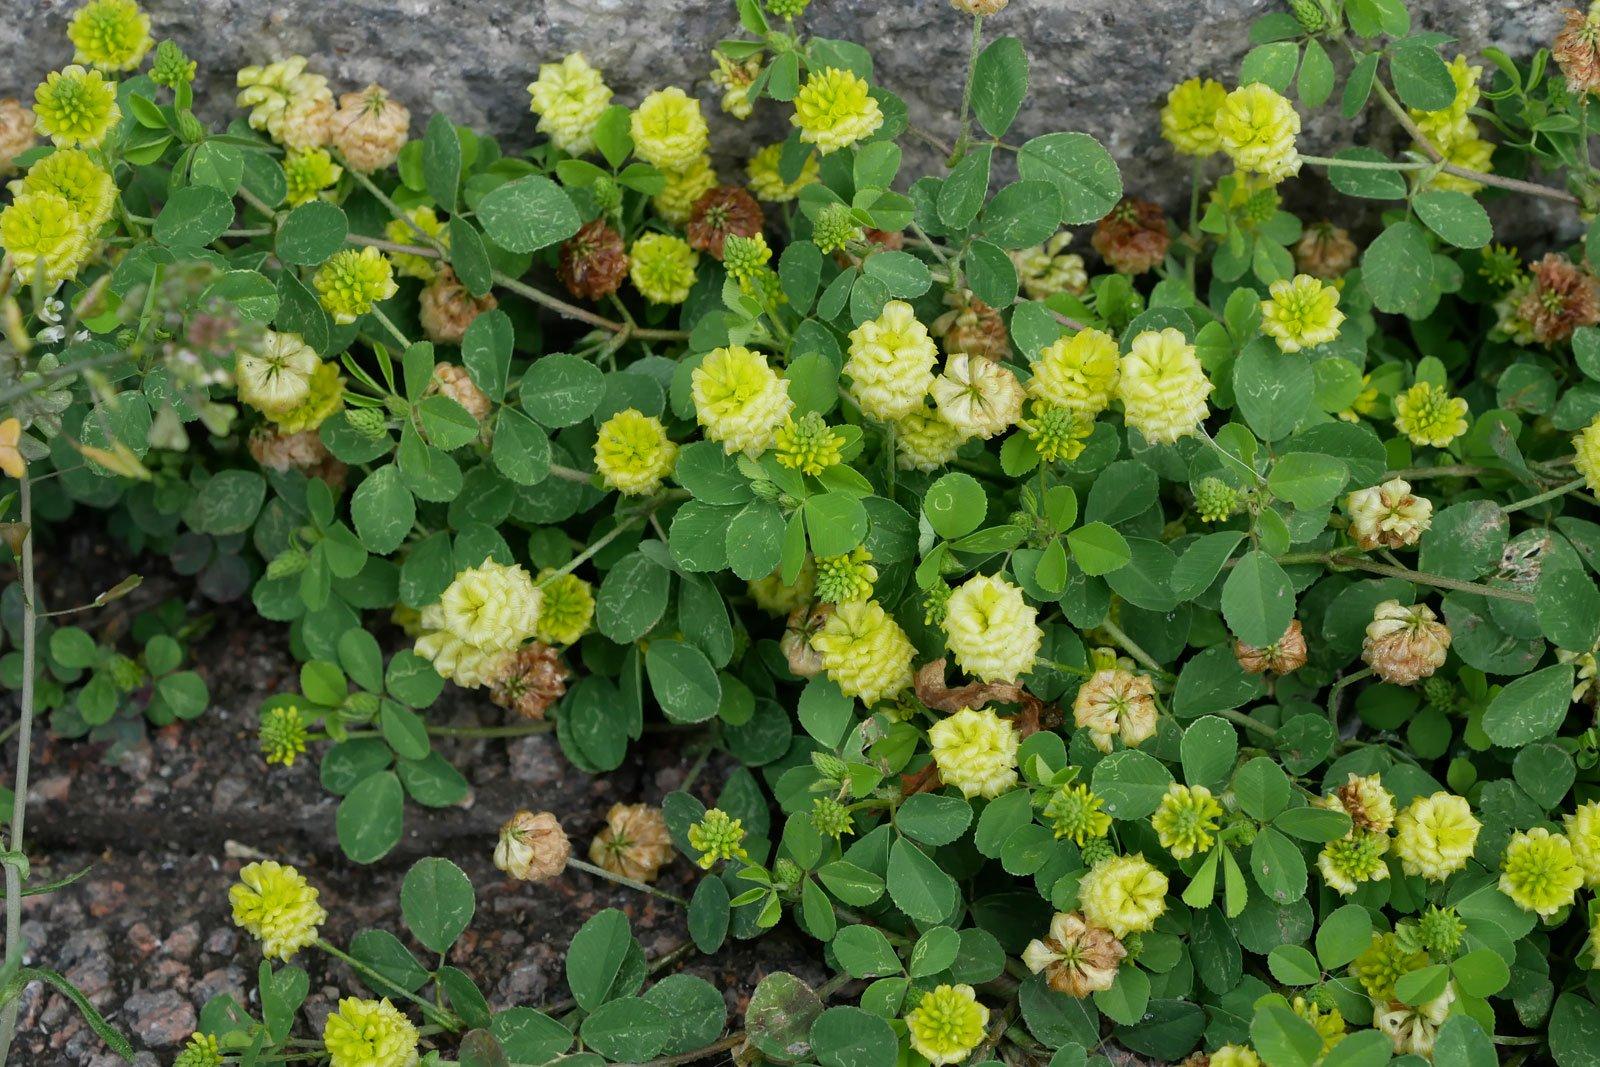 Trifolium campestre